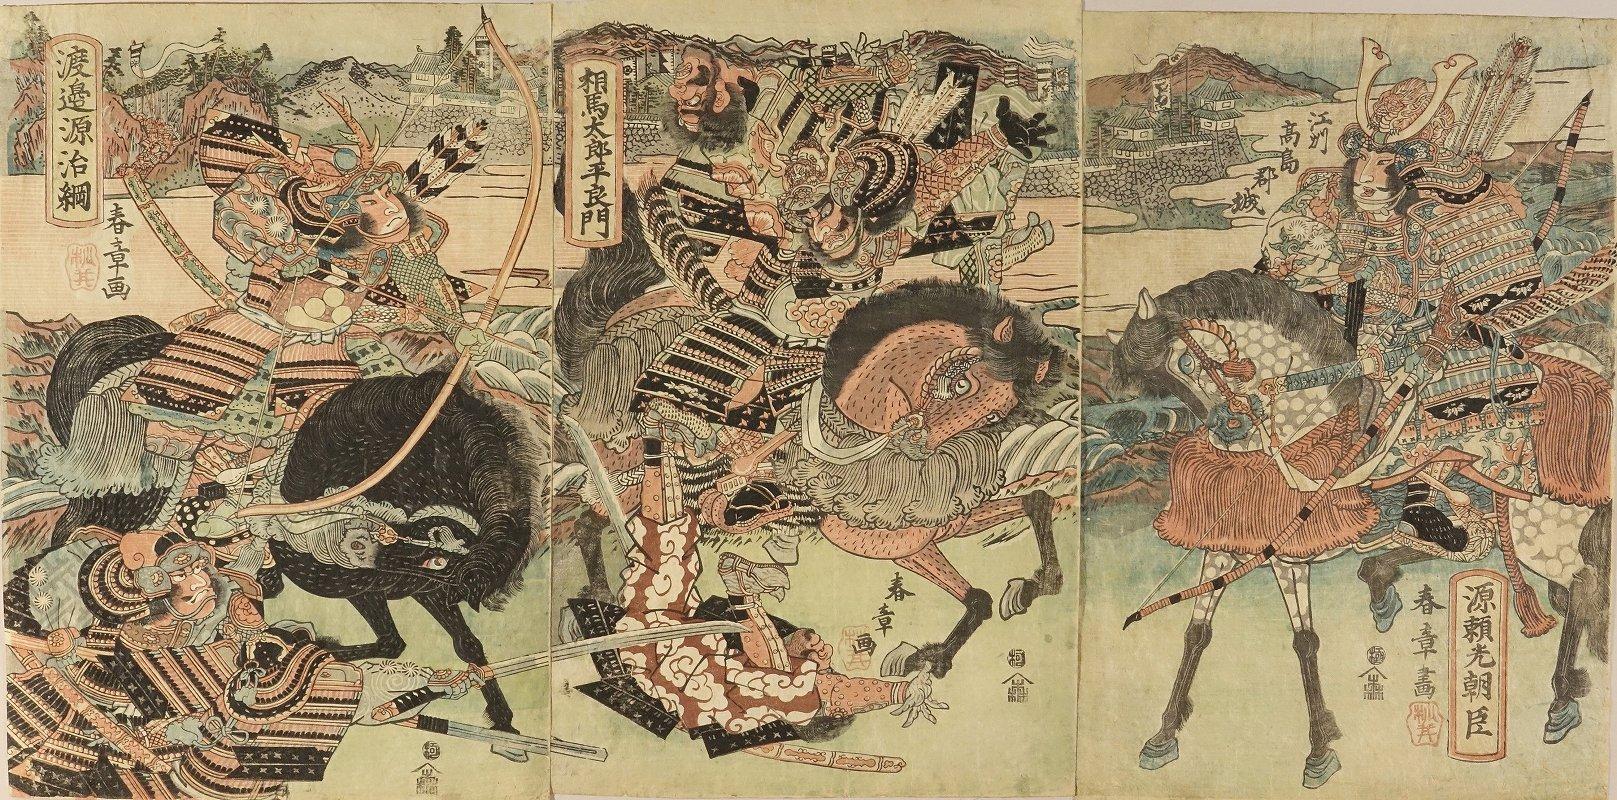 SHUNSHO II Minamoto Yoritomo, Soma Yoshikado, and Watanabe Tsuna before Takashima Castle, Omi Province